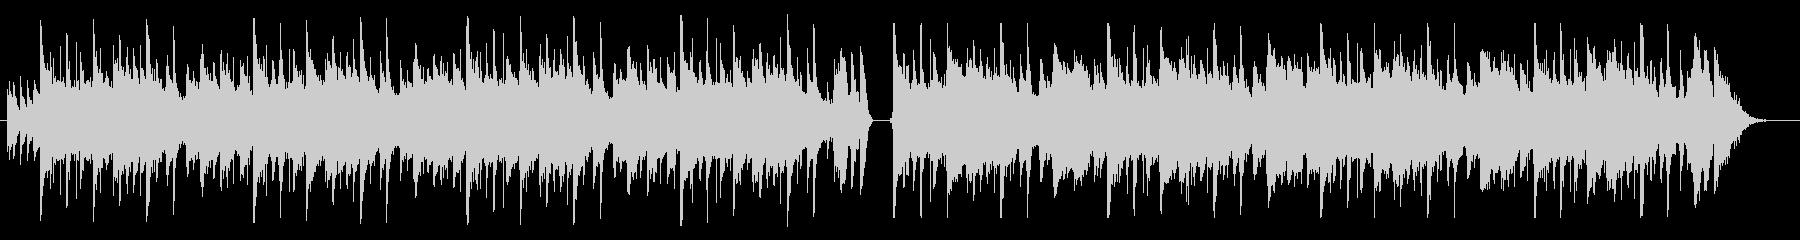 【短いVer】ピアノが印象的なポップスの未再生の波形